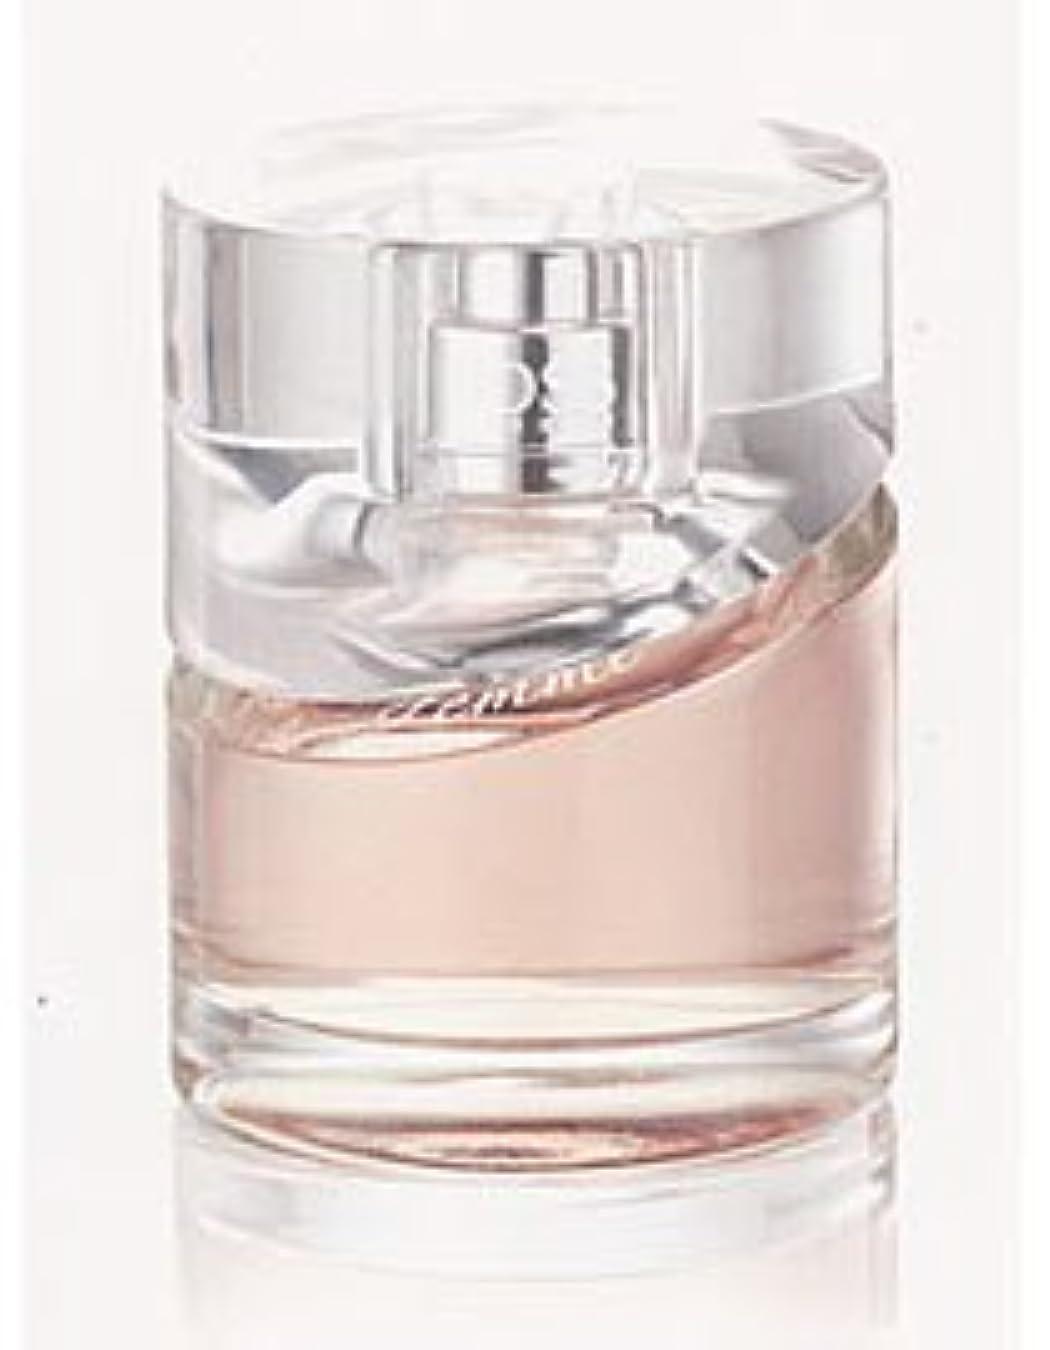 不運子豚動揺させる[LOreal] Mythic Oil Souffle dOr Sparkling Conditioner (For All Hair Types) 750ml/25.4oz